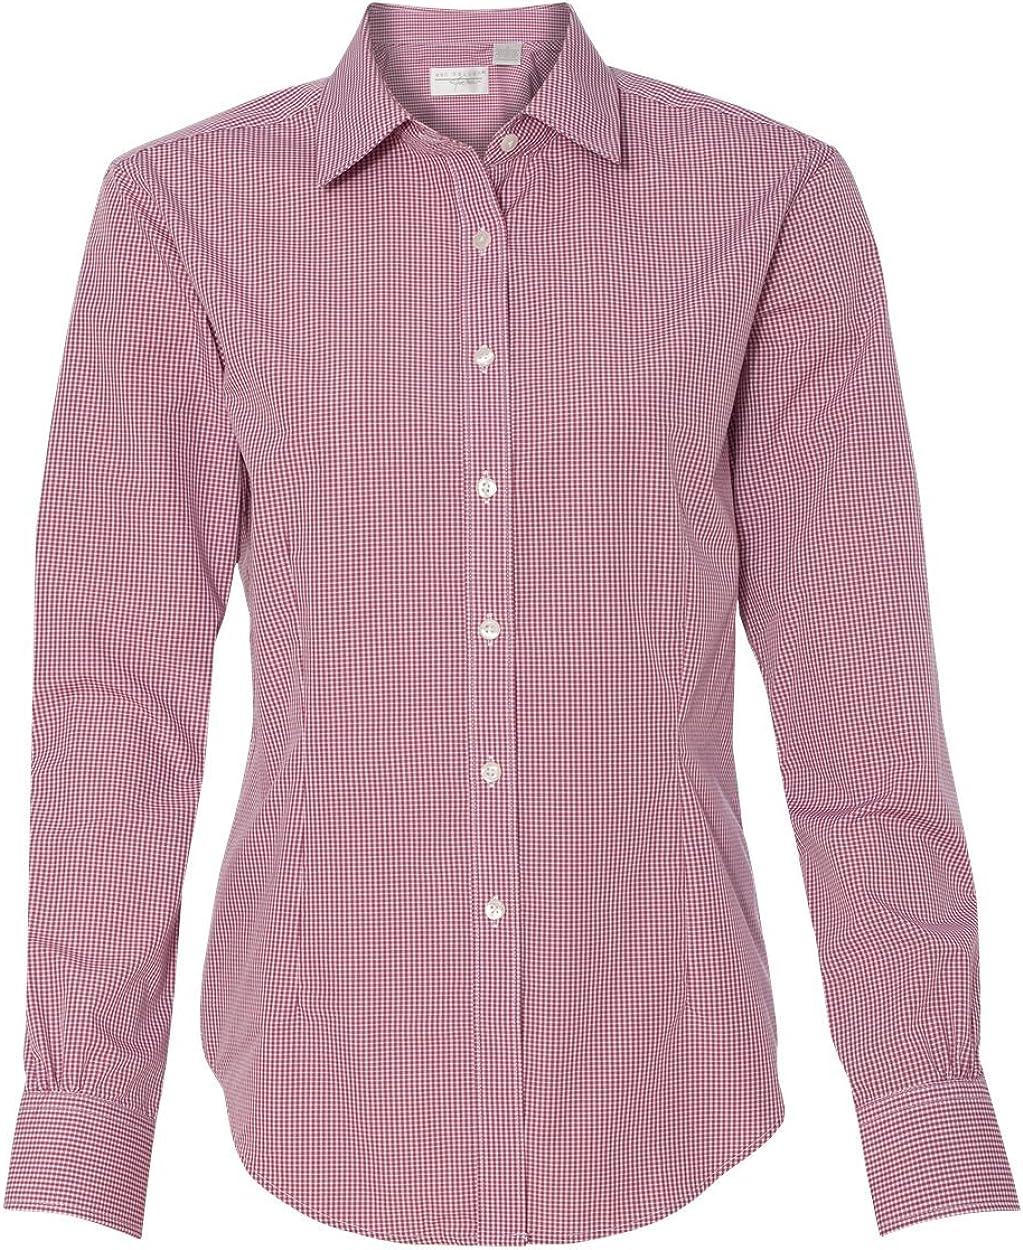 Van Heusen - Women's Gingham Check Shirt - 13V0226